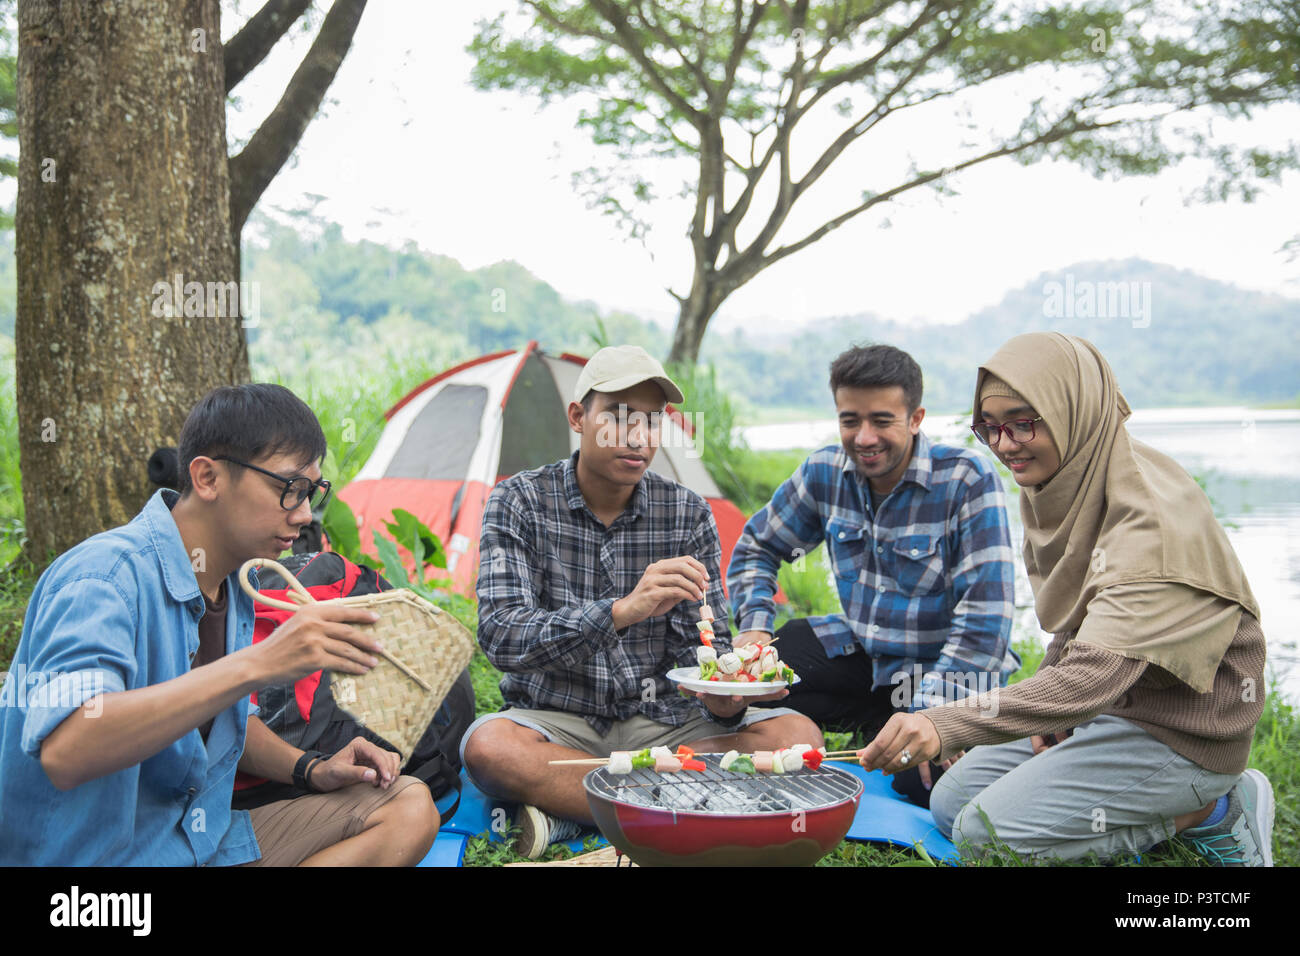 Amigos haciendo una barbacoa junto al aire libre Imagen De Stock